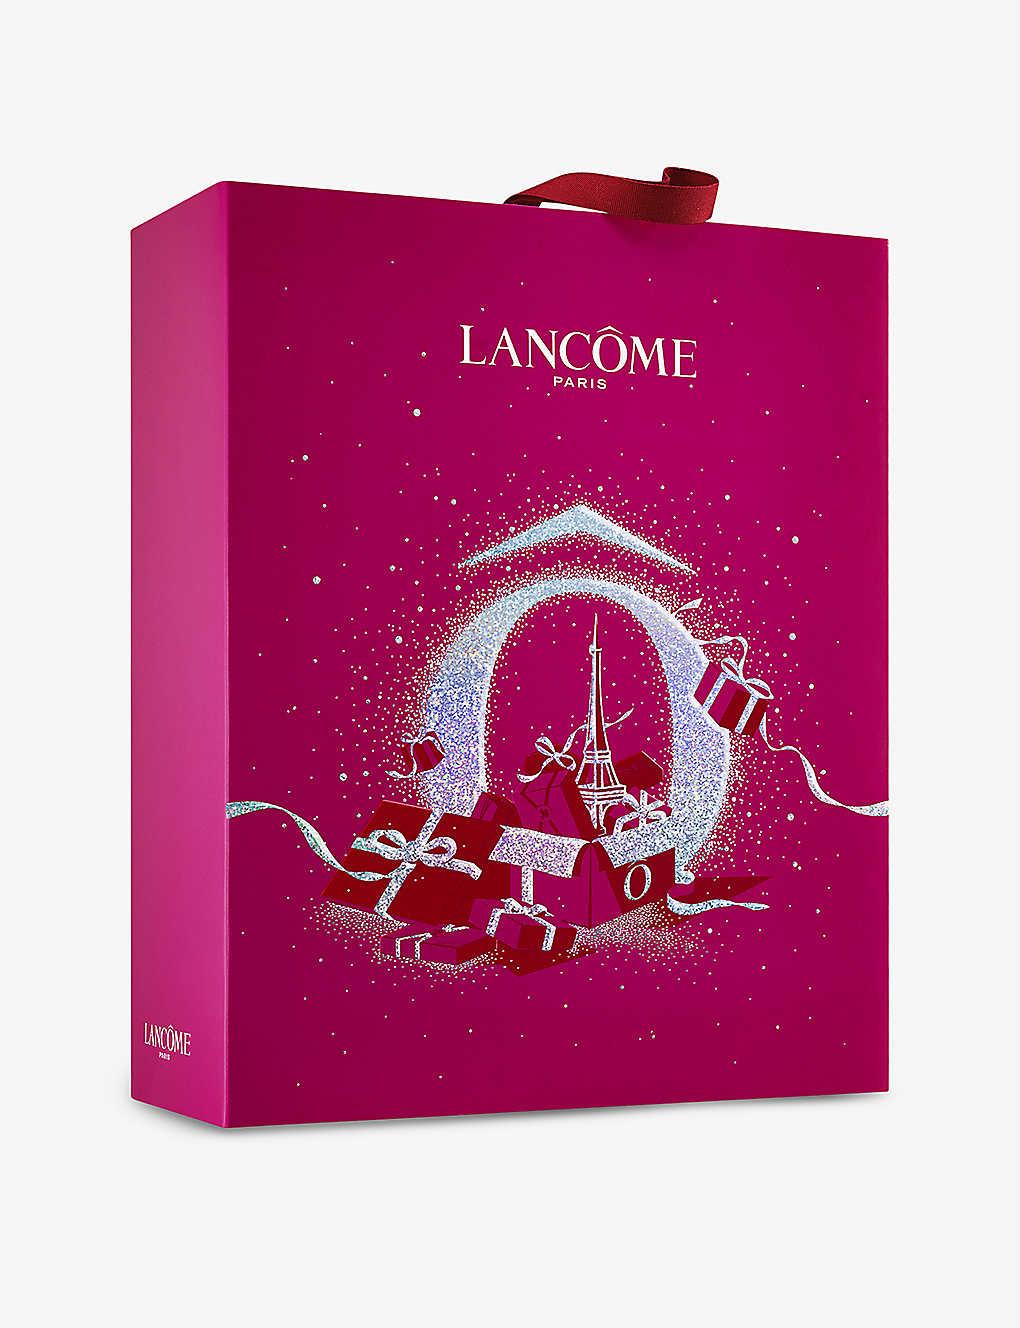 Lancome Beauty Advent Calendar 2020 Contents Reveal!